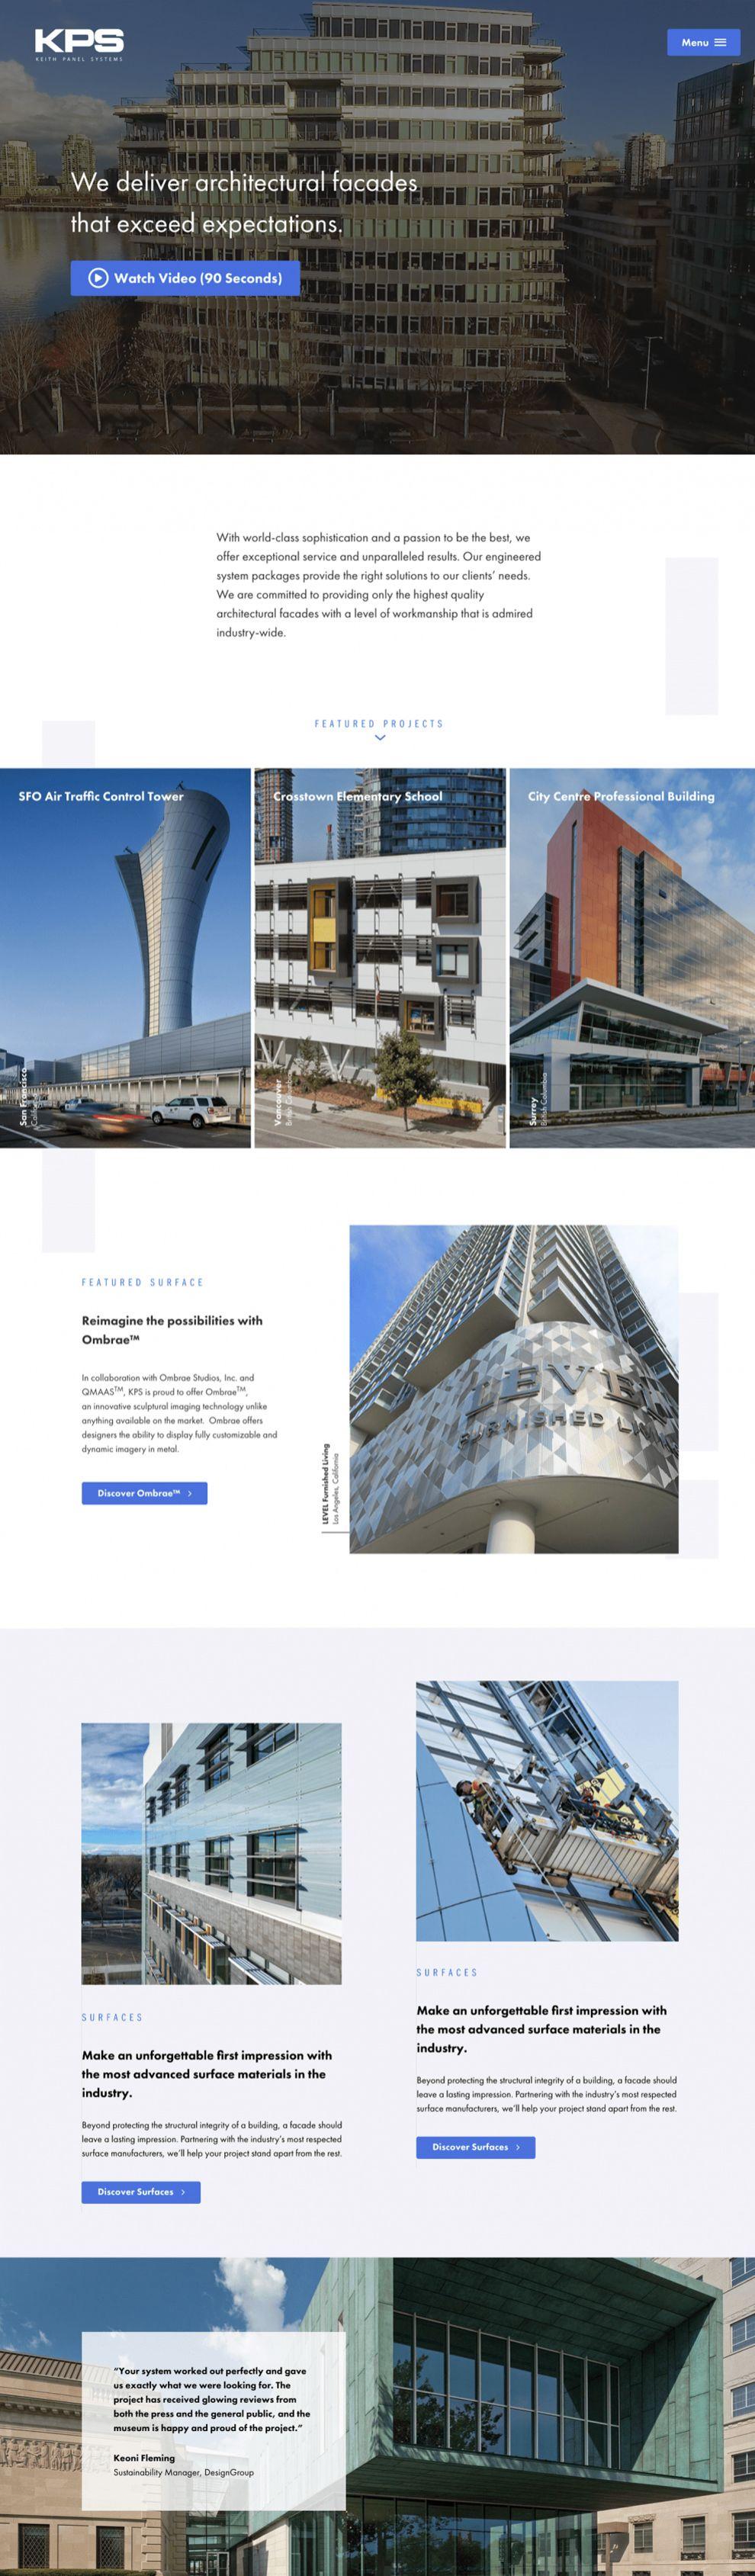 KPS Great Homepage